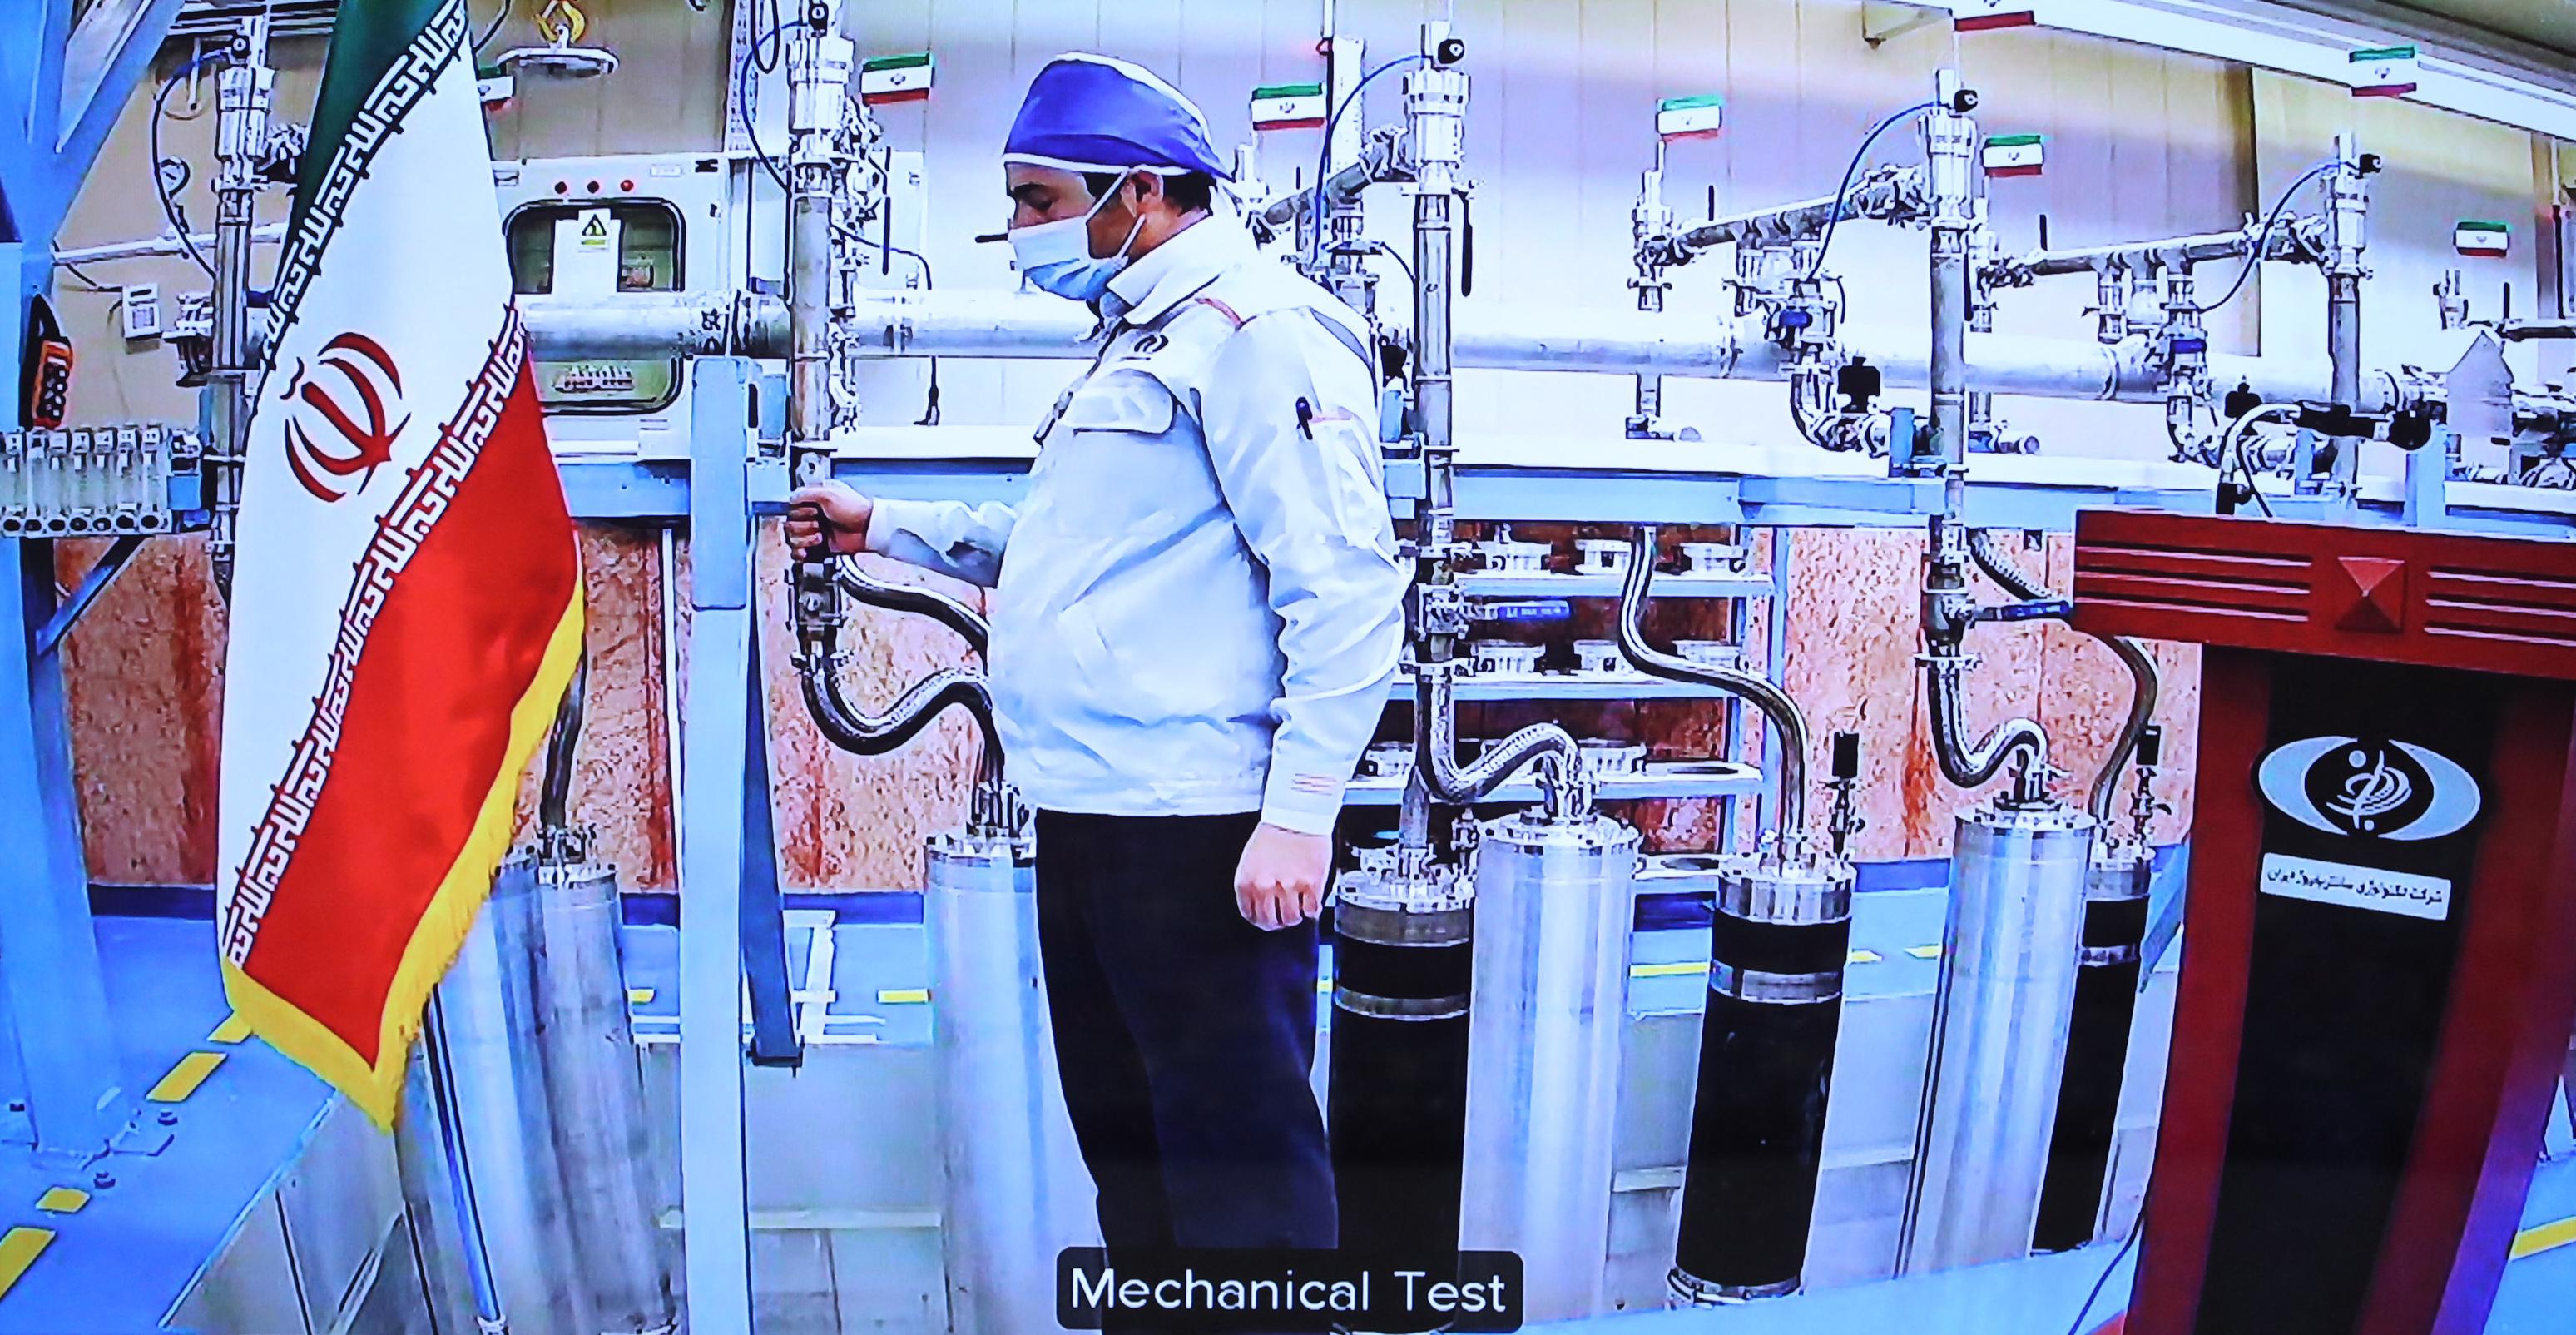 Lejárt az iráni atomlétesítmények ellenőrzését lehetővé tevő ideiglenes egyezmény